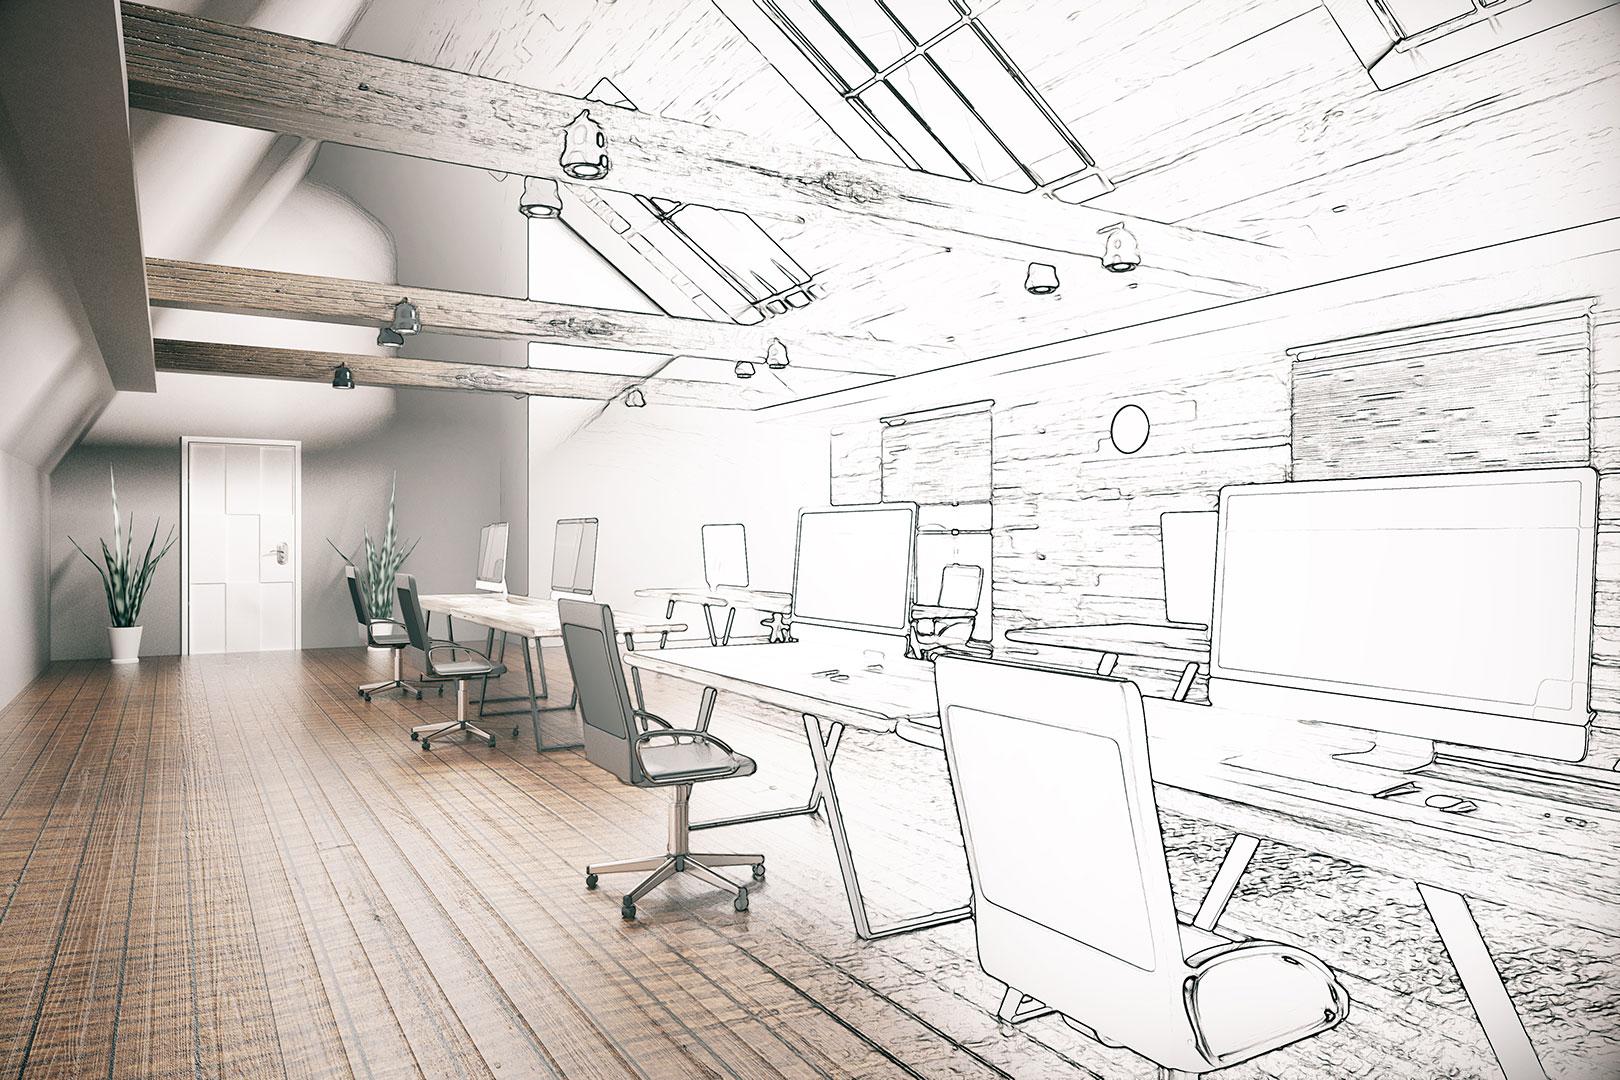 Konyhai függöny ötletek, amik feldobják ezt a helyiséget